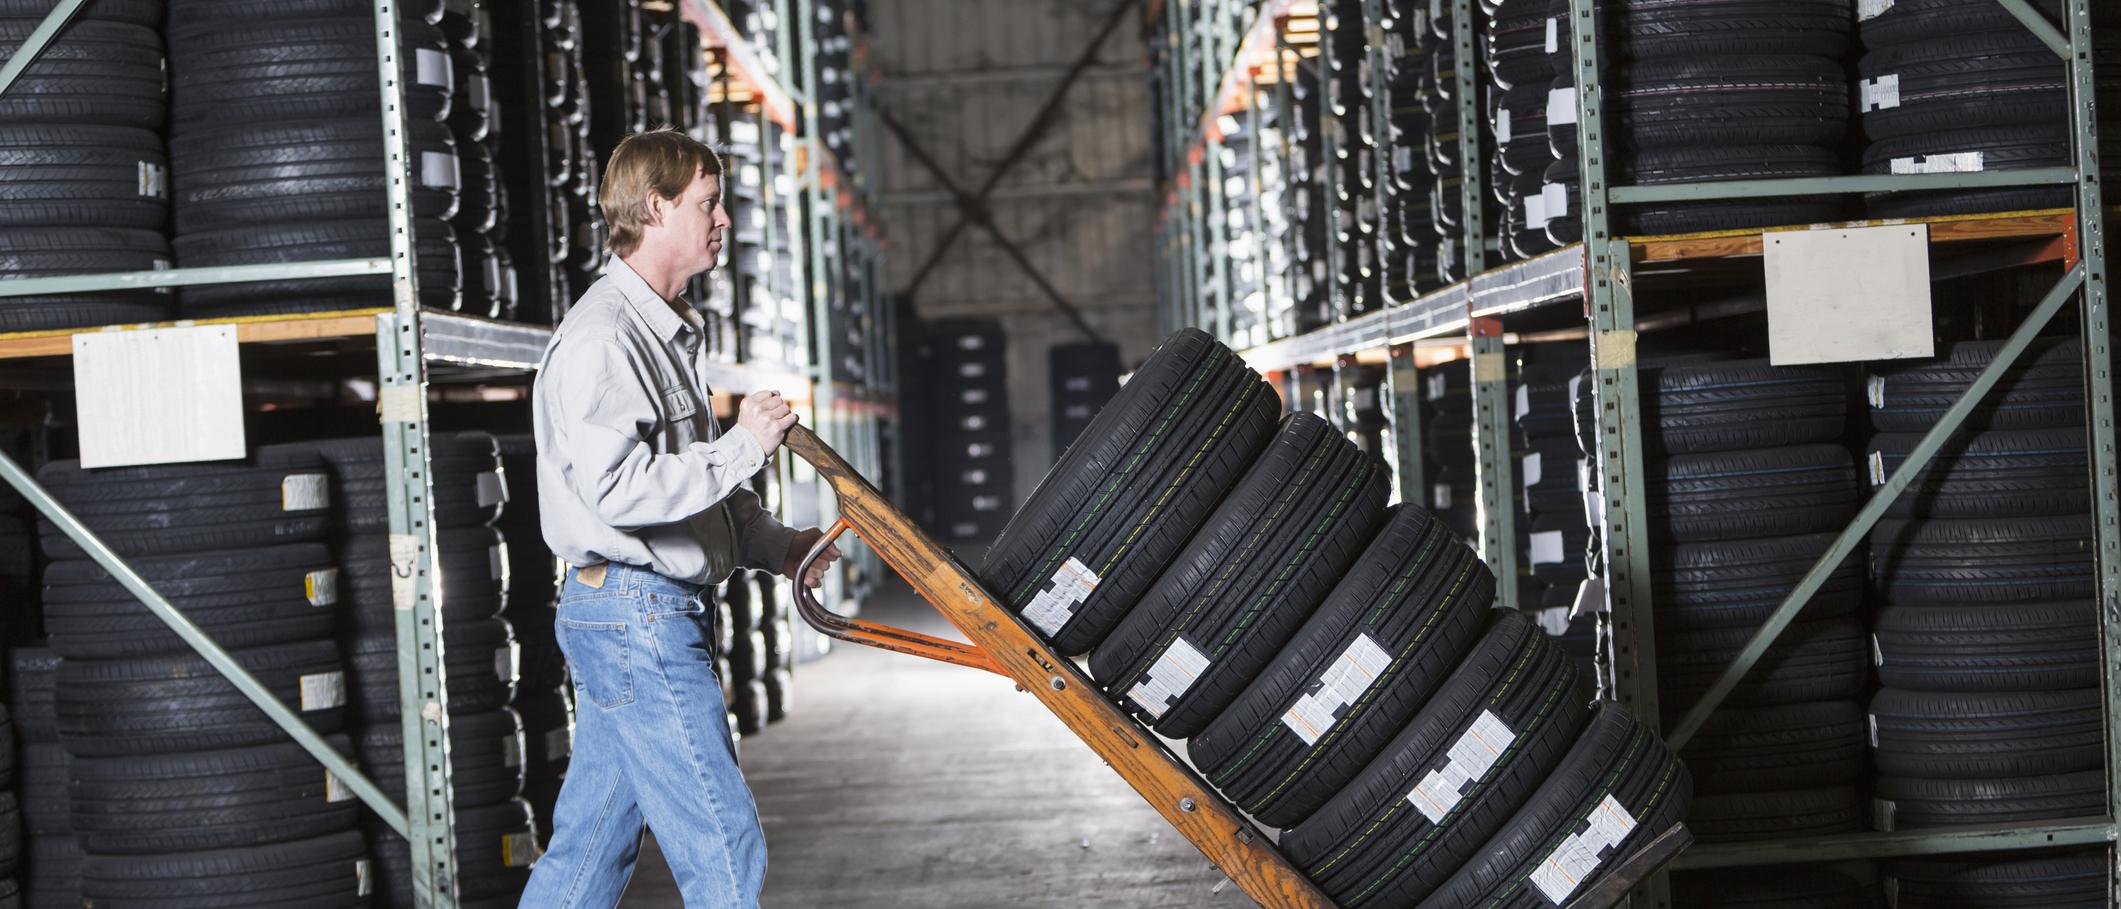 Come conservare i pneumatici invernali senza cerchio